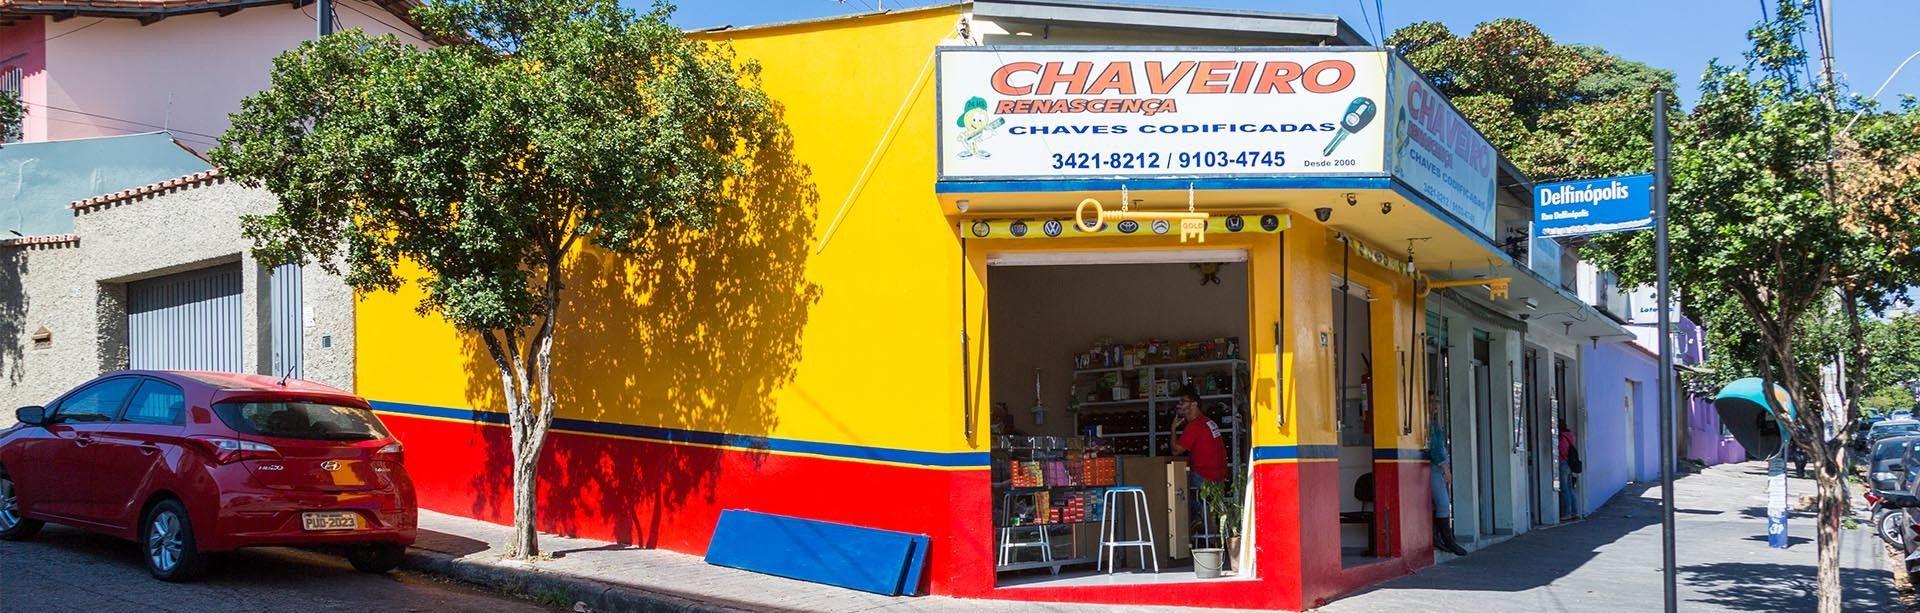 Disk ChaveBH - Serviços